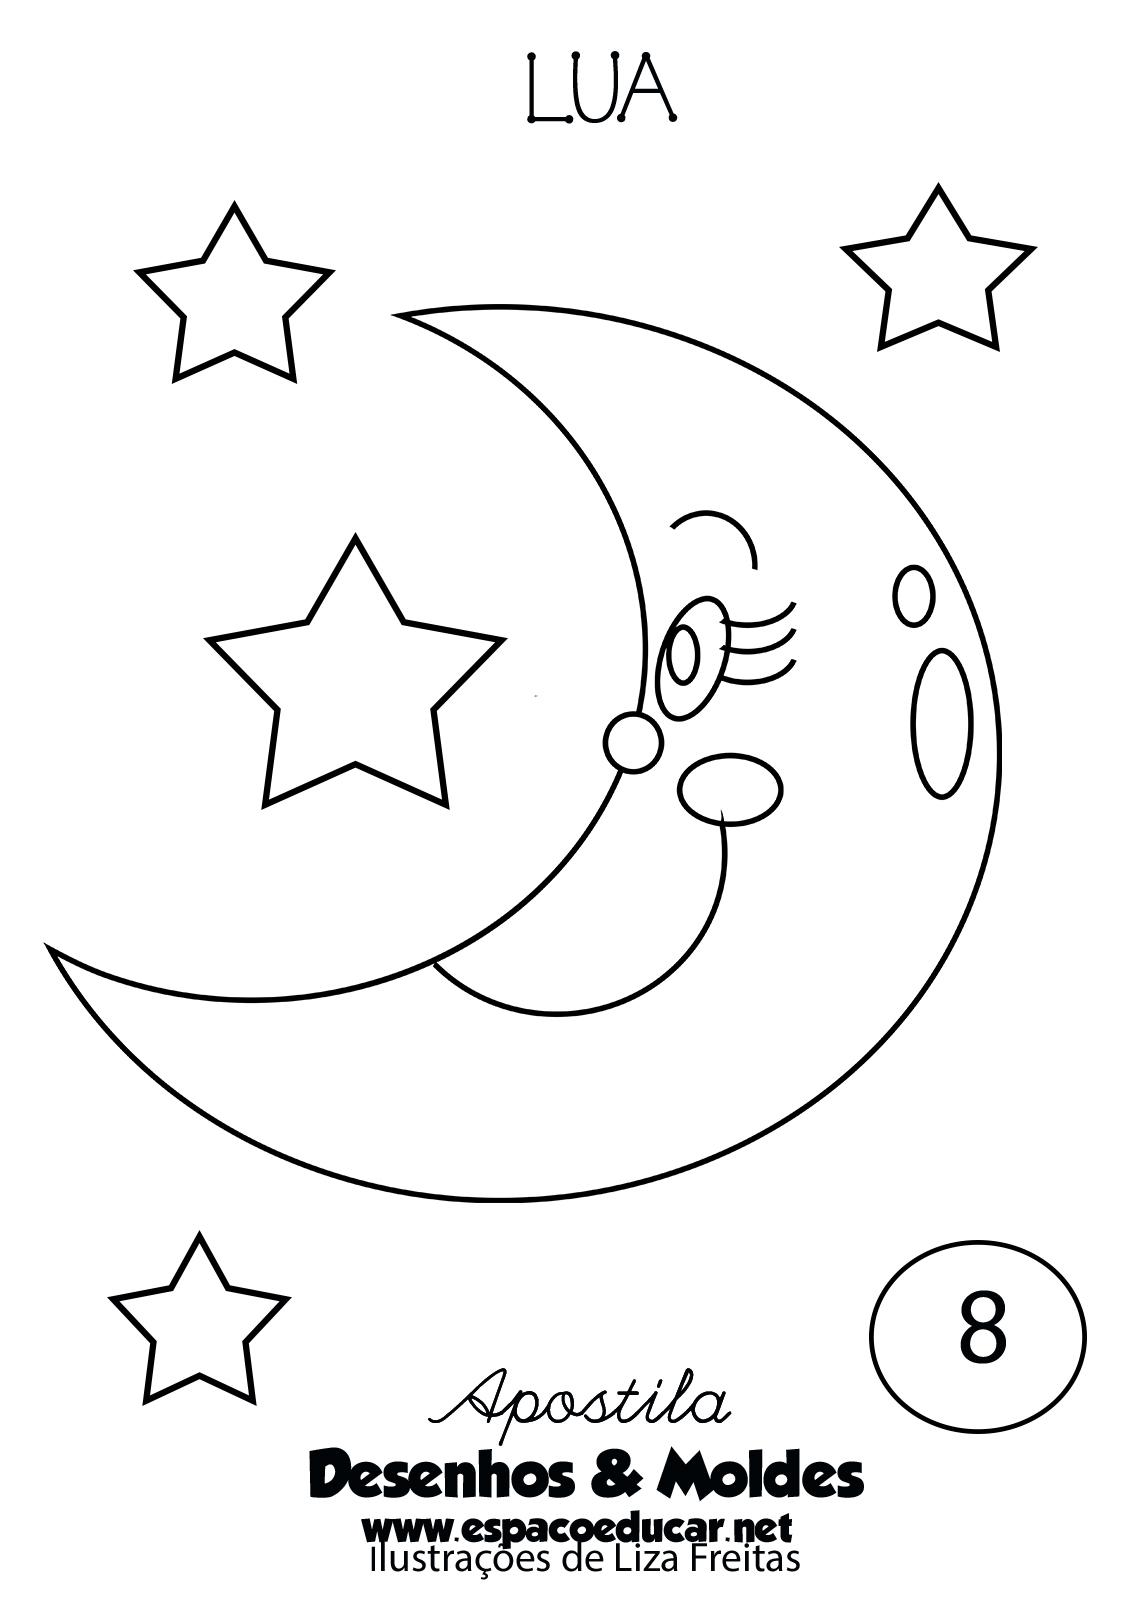 Desenho Ou Molde De Lua Para Colorir Pintar Preparar Atividades